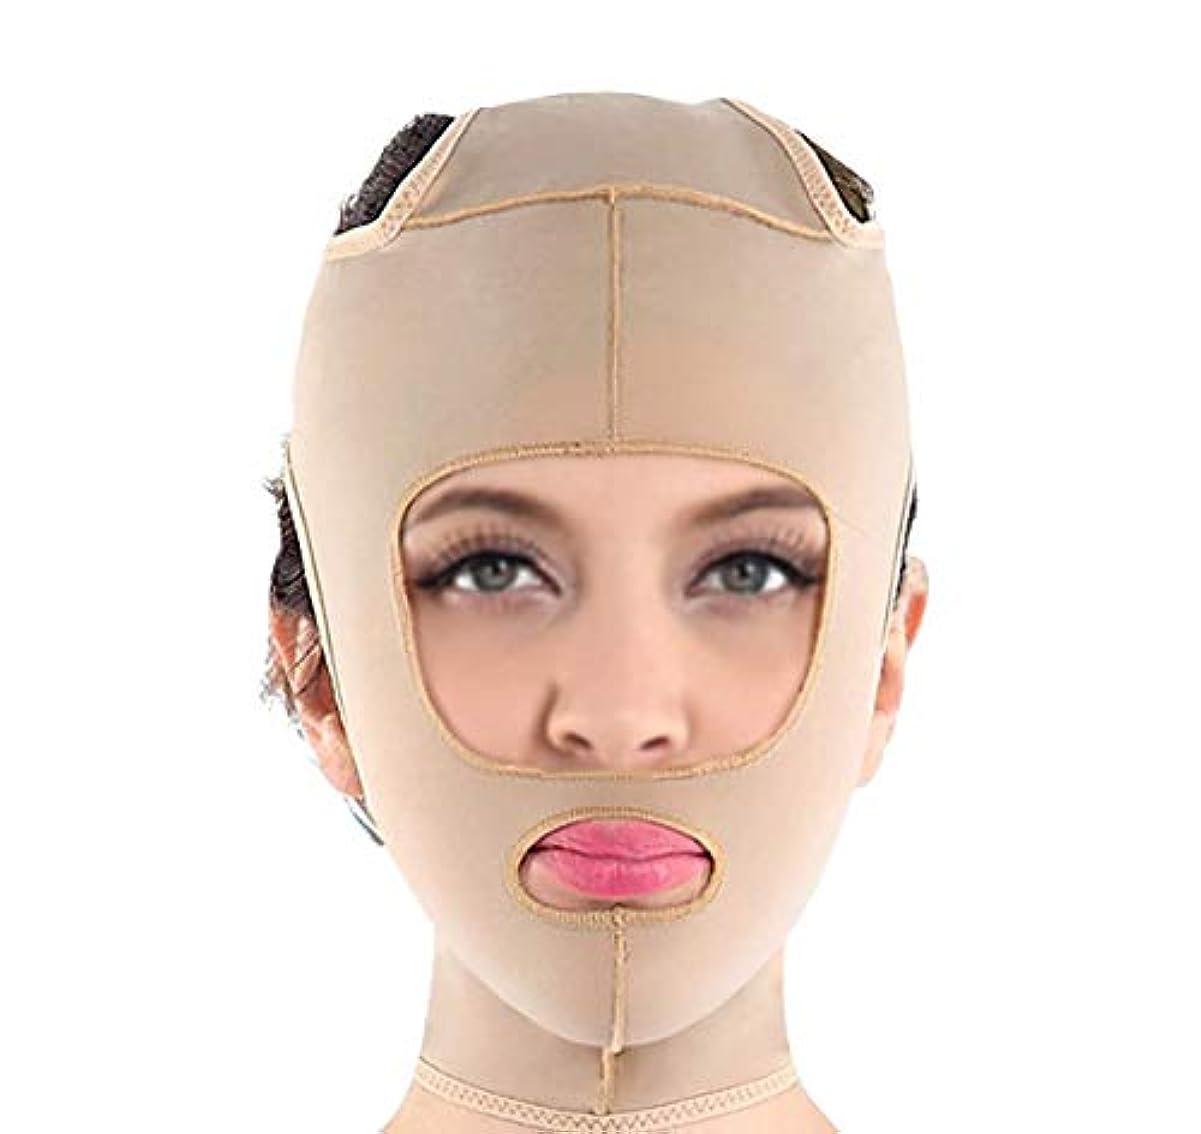 データム戦艦予約フェイスリフティングマスクで肌をしっかりと保ち、顔の筋肉の垂れ下がりや顔の美しい輪郭の整形を防止します(サイズ:Xl),Xl